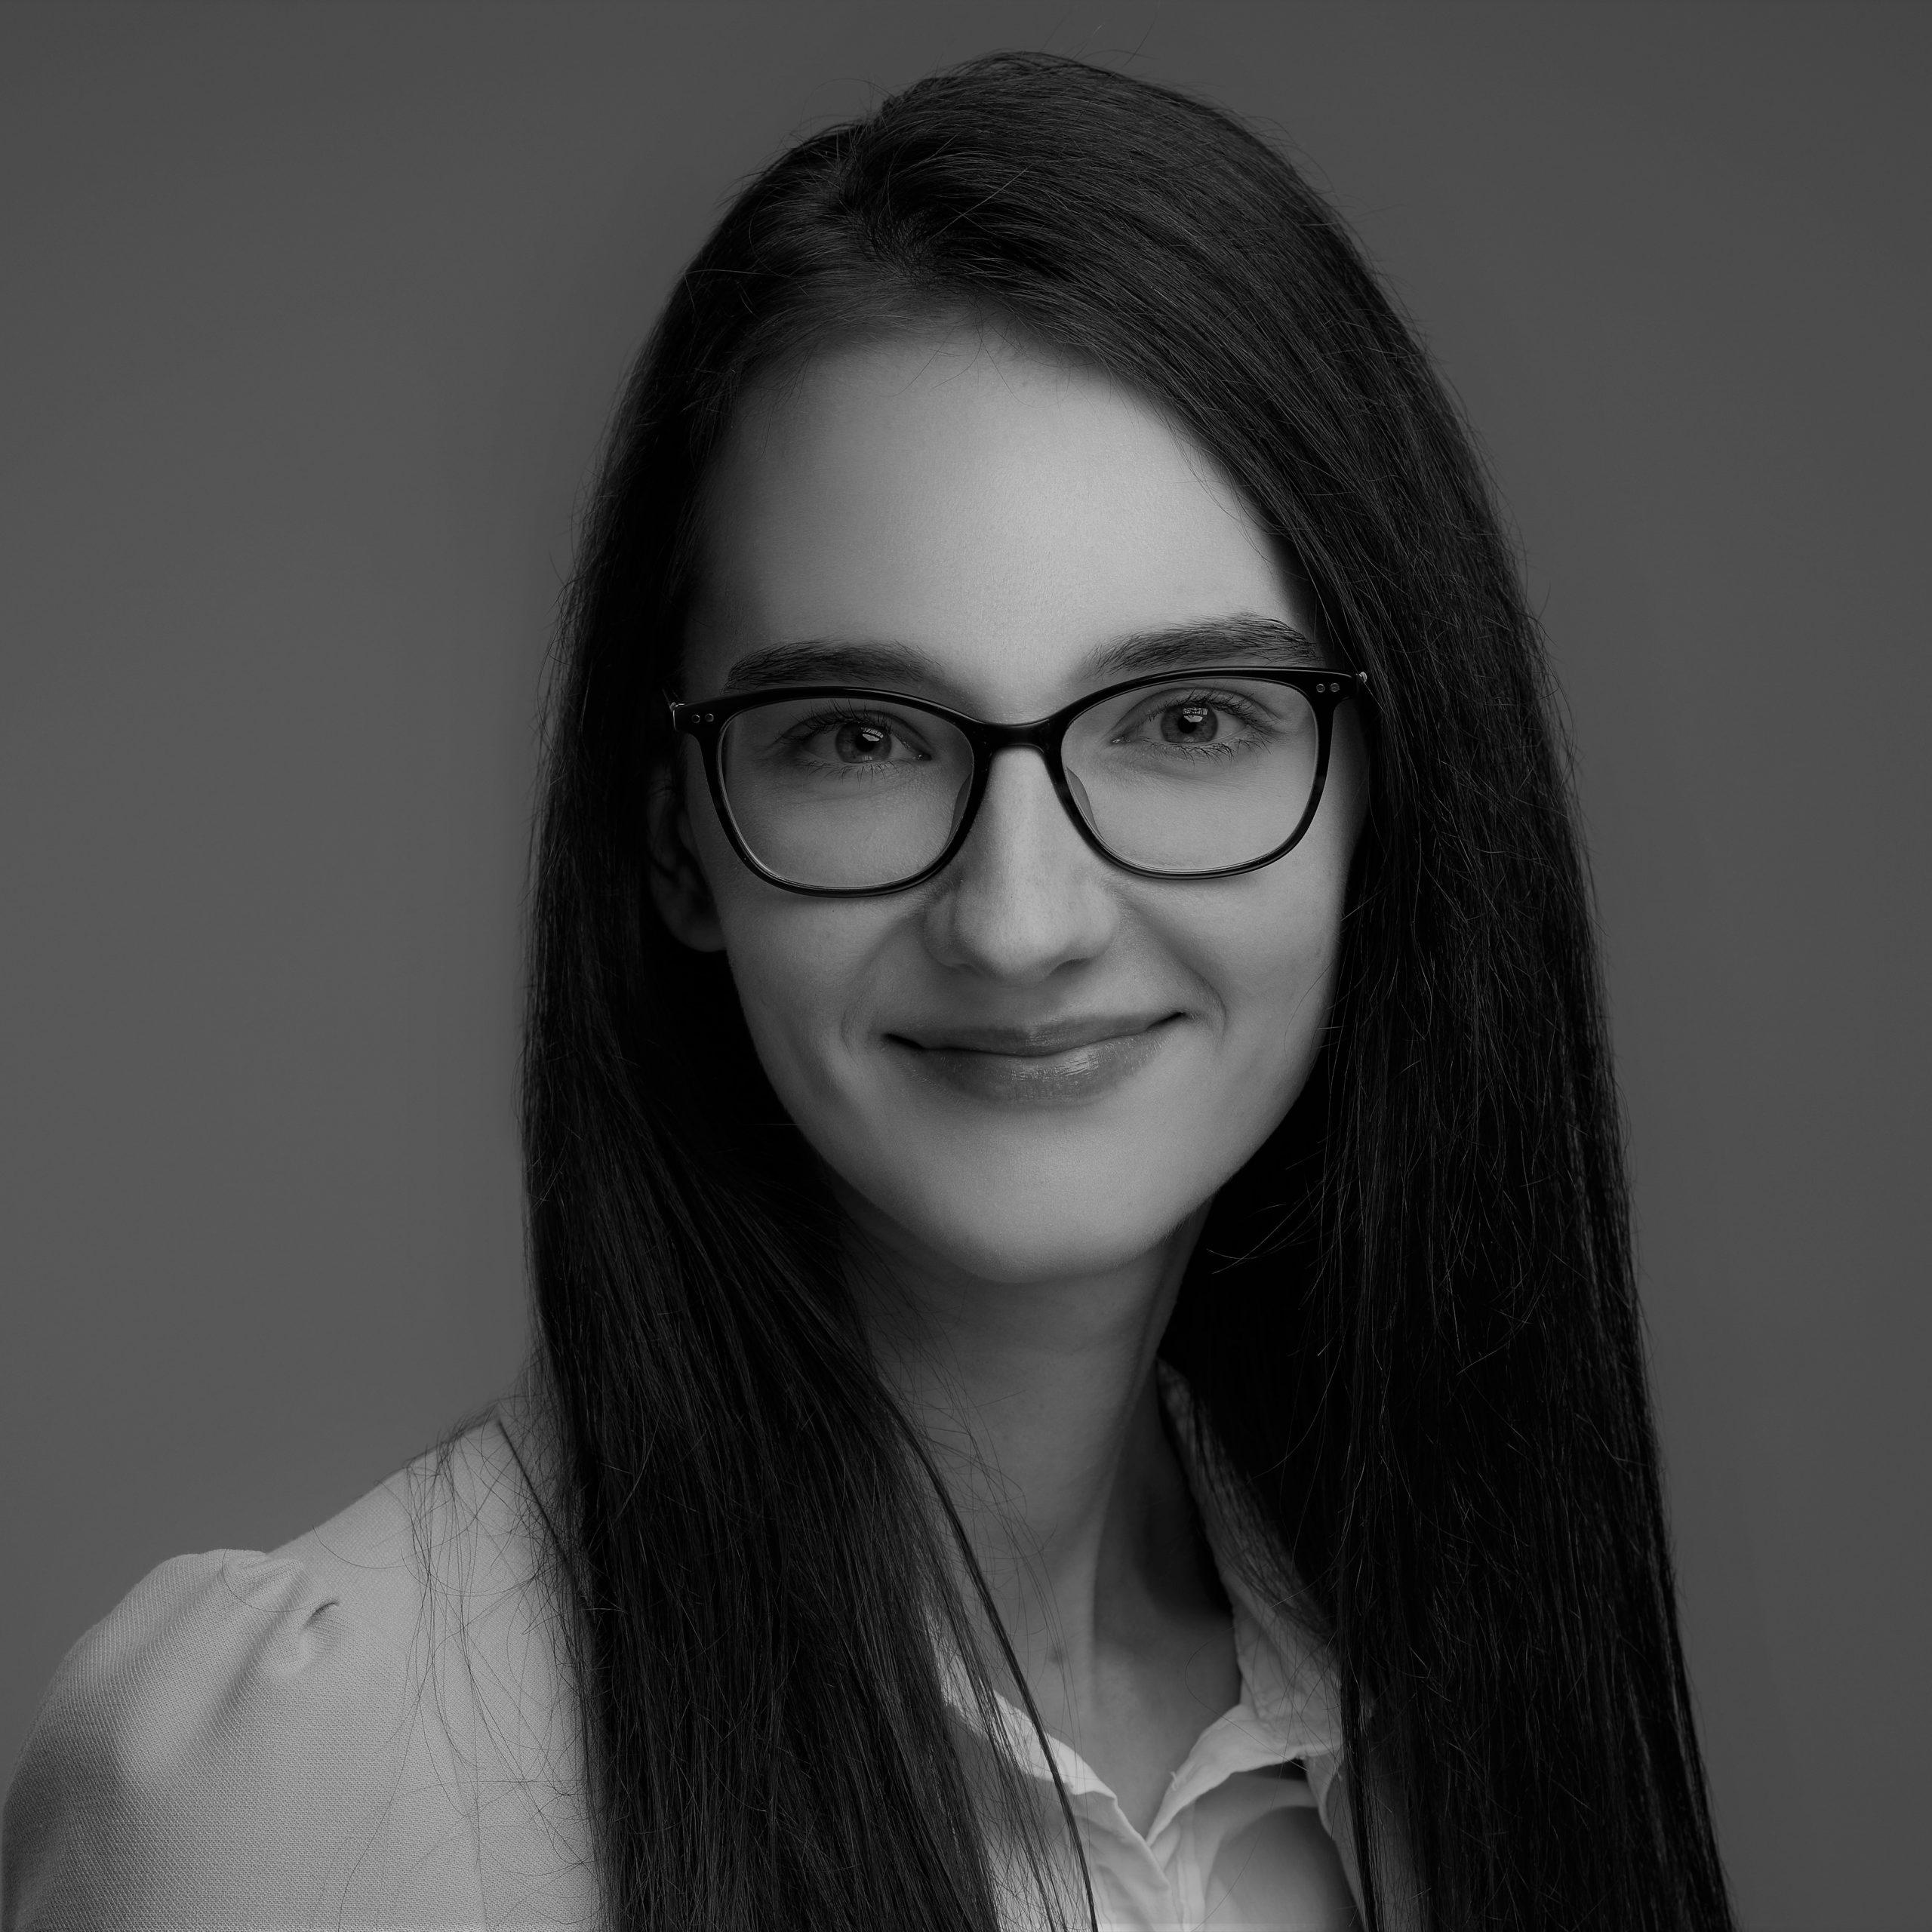 Jasmin Schwart